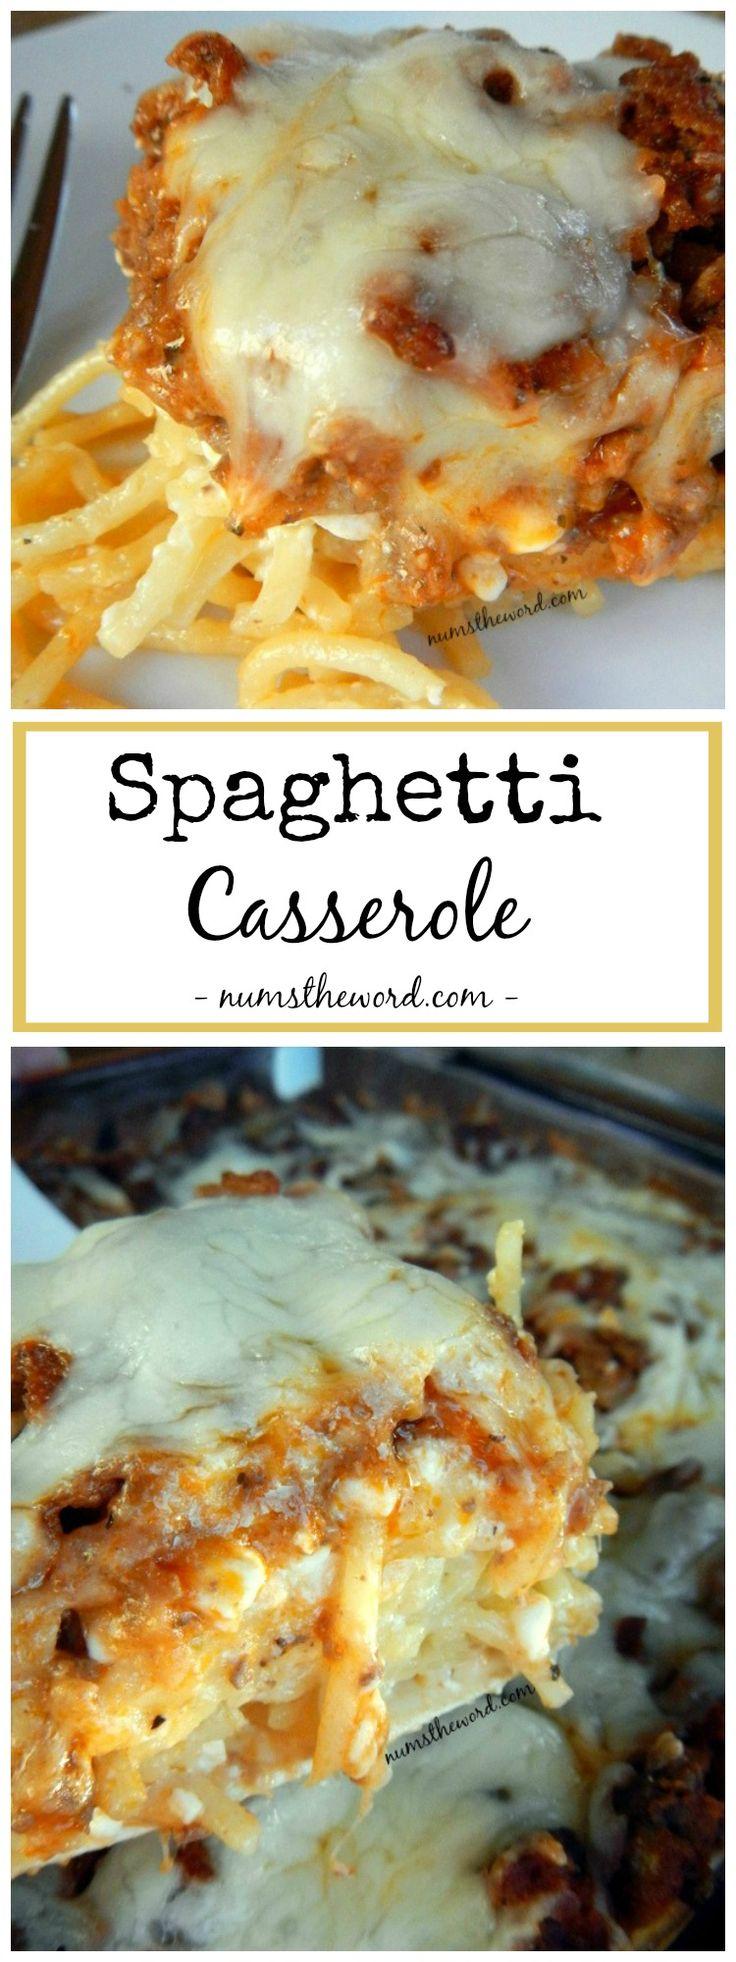 Spaghetti Casserole 12 oz pasta 24 oz sauce 3 cup mozzarella  12 oz cottage cheese 4 oz tomato paste 9x13 pan